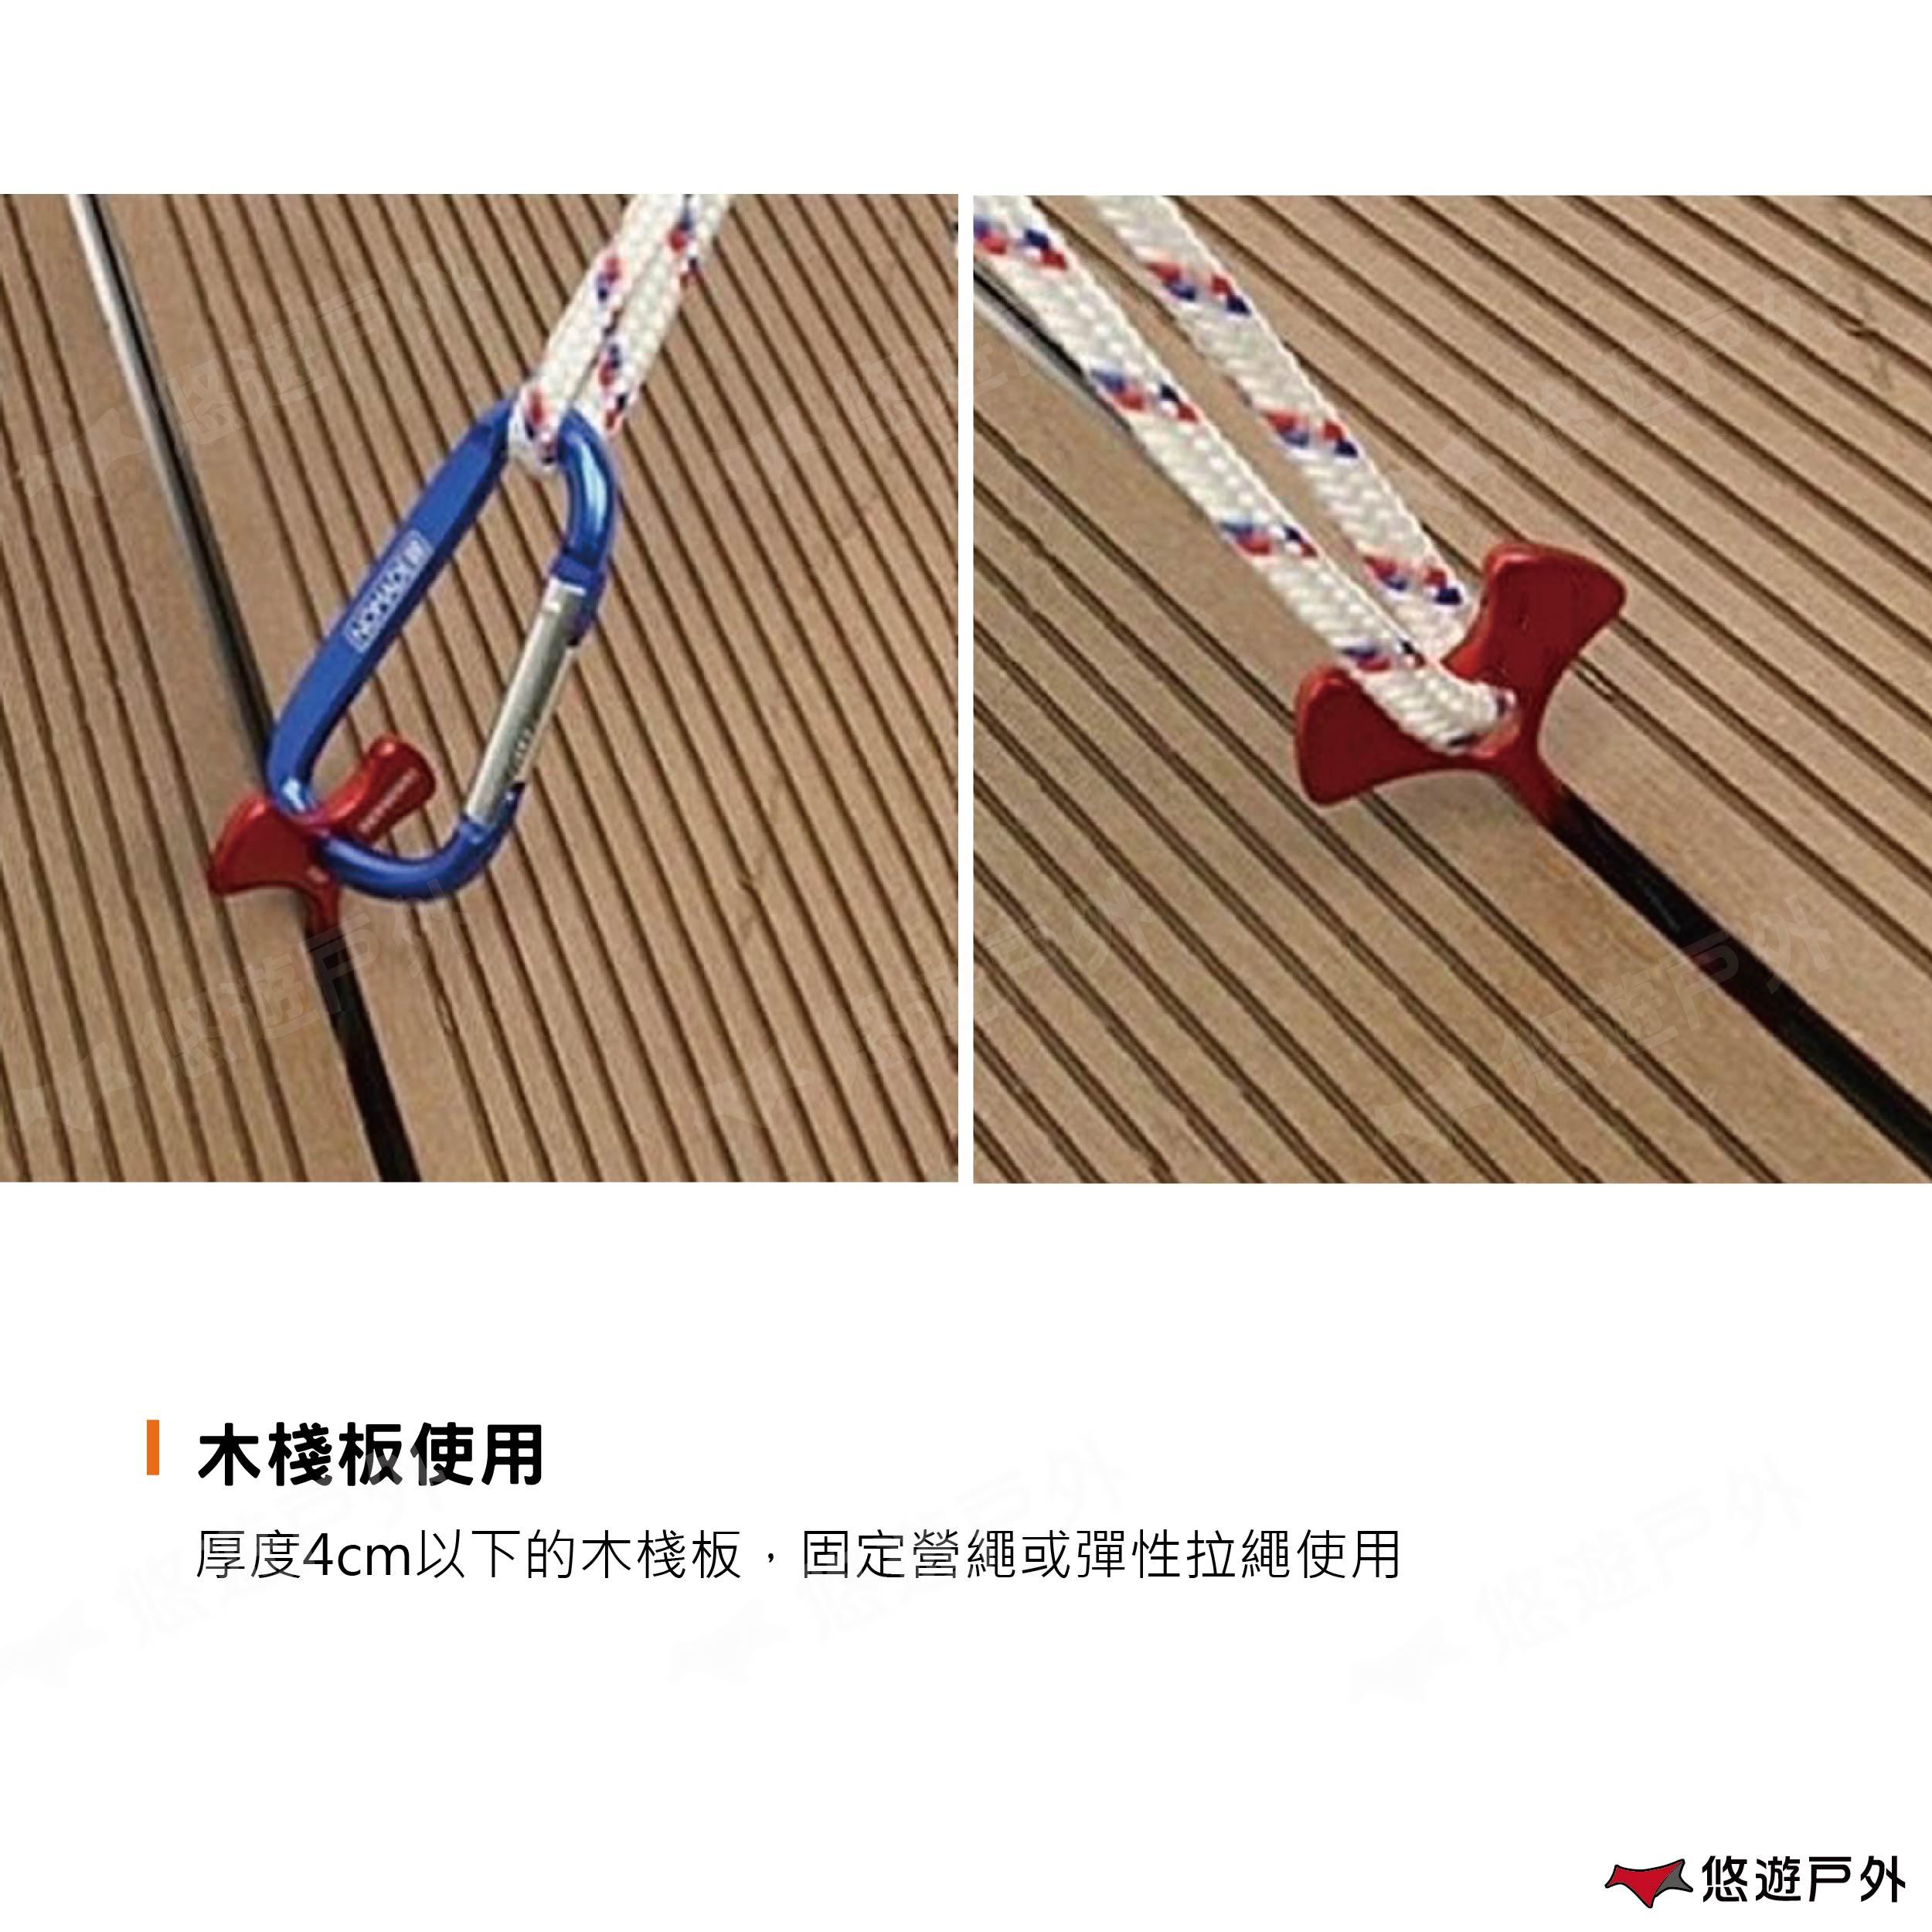 【買10贈好禮】魚骨釘(加長型) 木棧板神器 魚骨地釘 掛勾 營繩扣片 調節片 露營 調節繩